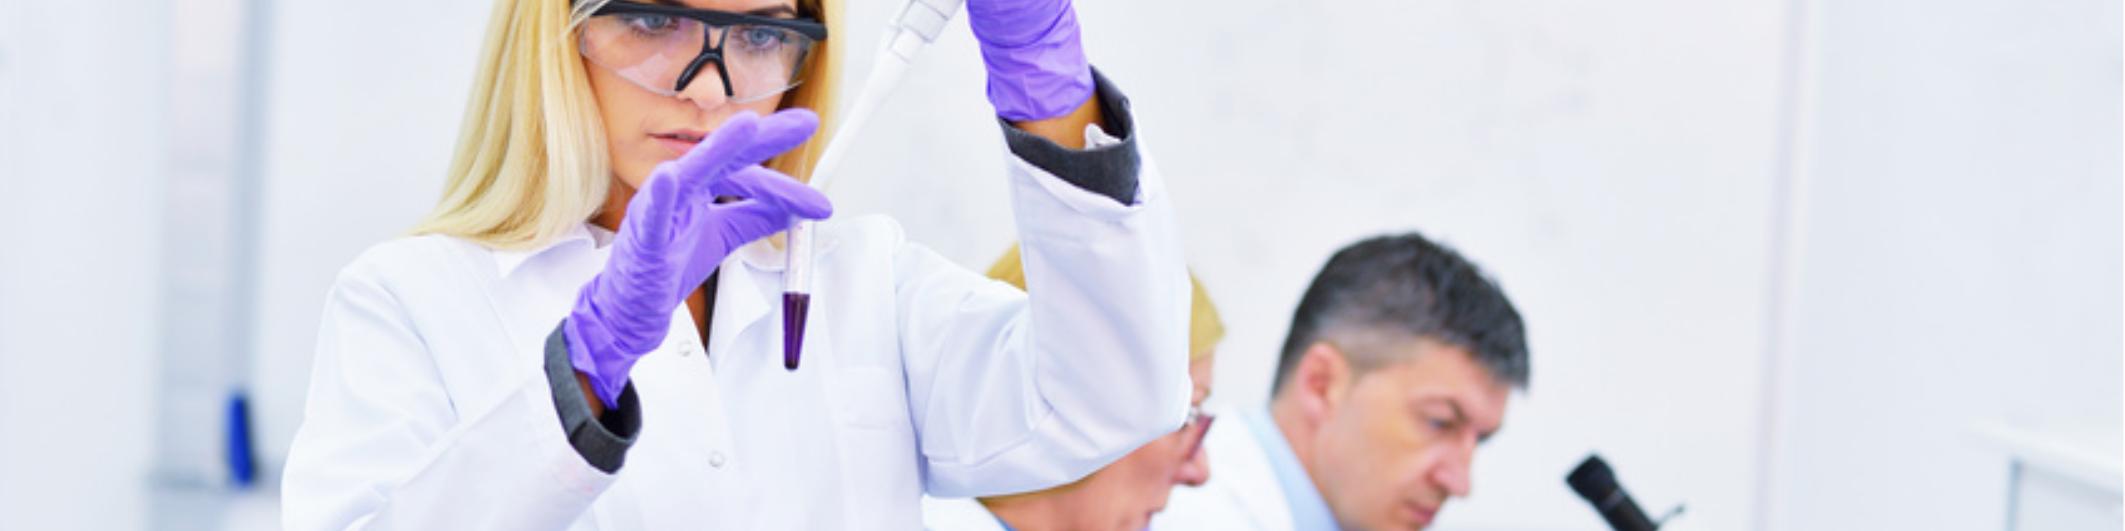 Marché d'Equipements médicaux pour laboratoire industriel